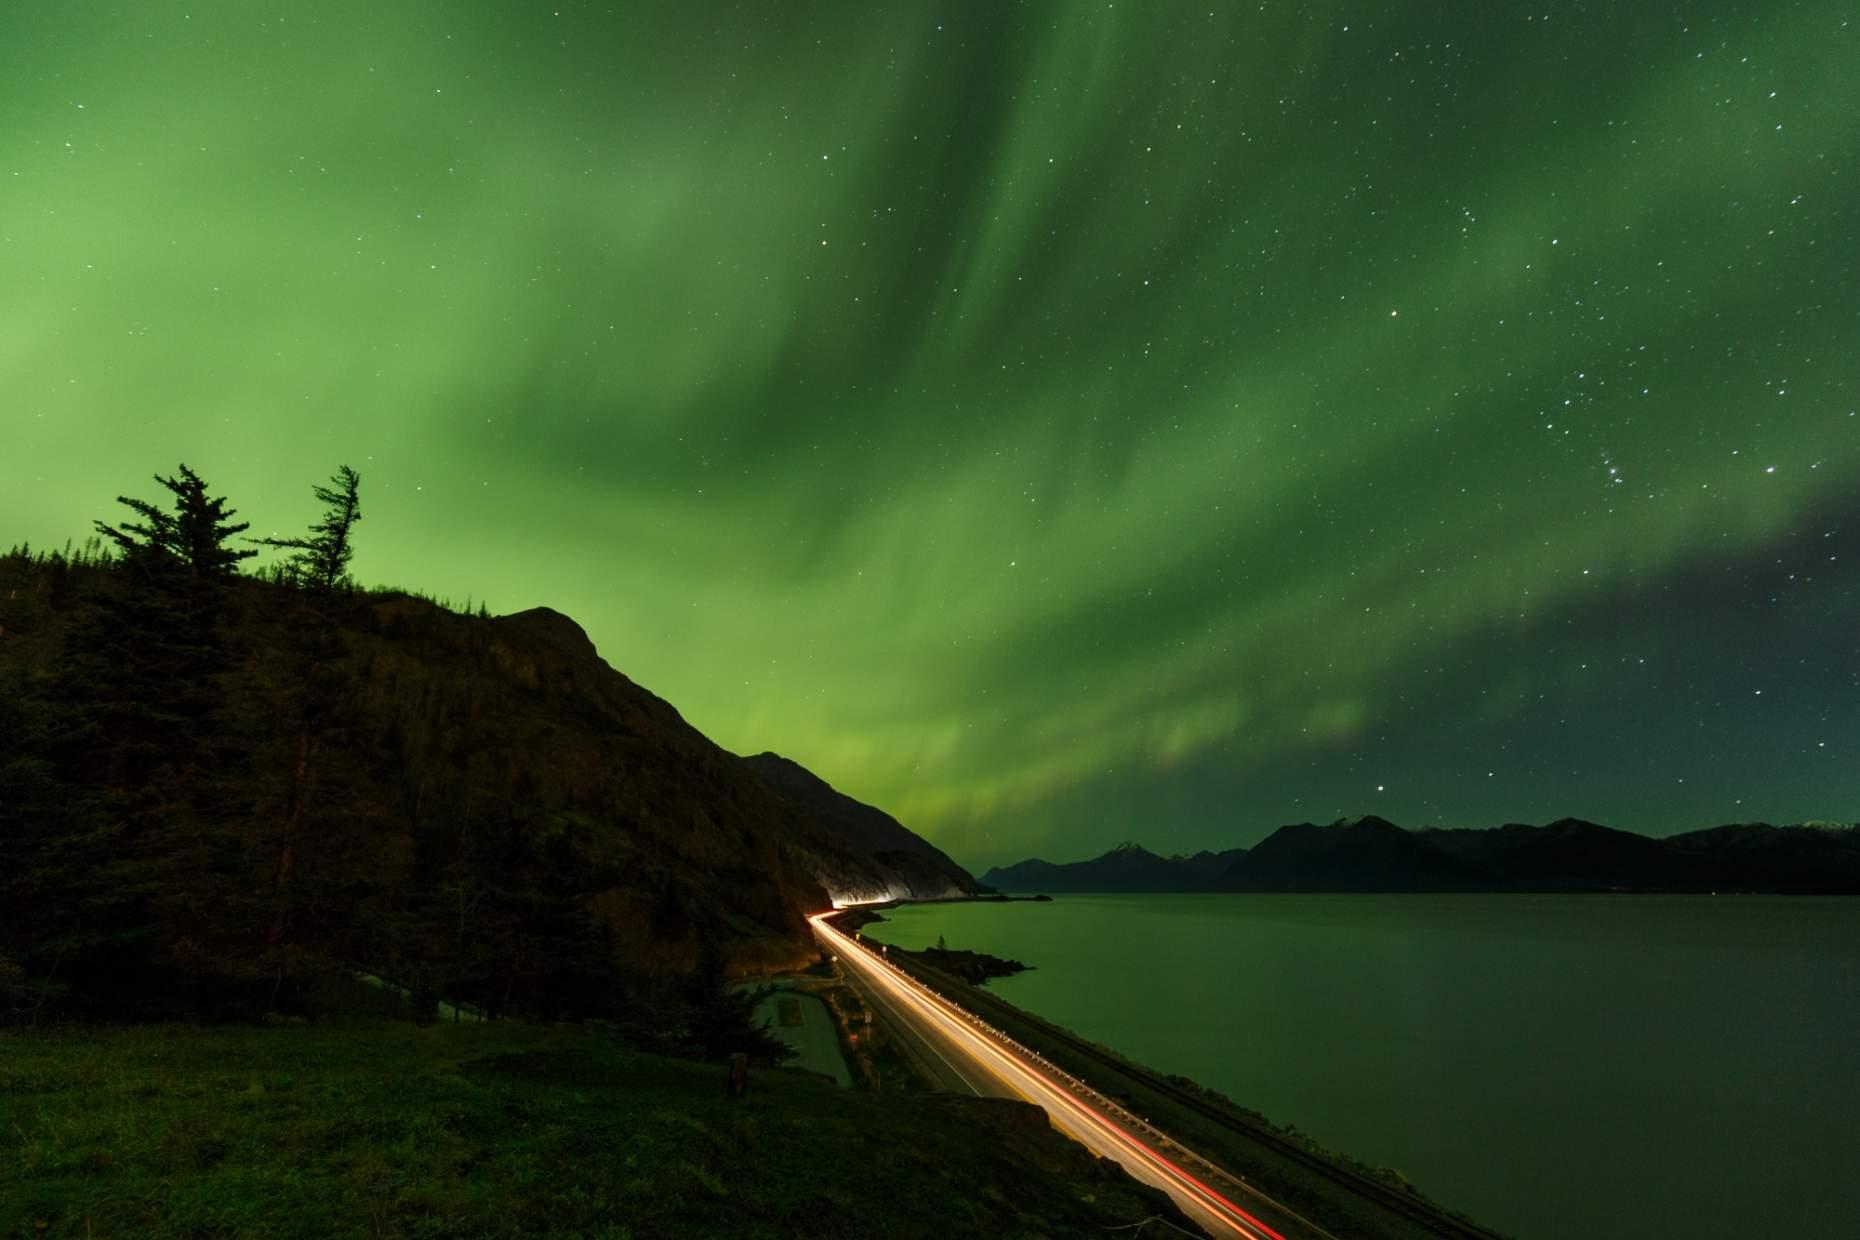 Jeff Schultz Anchorage Northern Lights Viewing 161013 5 M9041